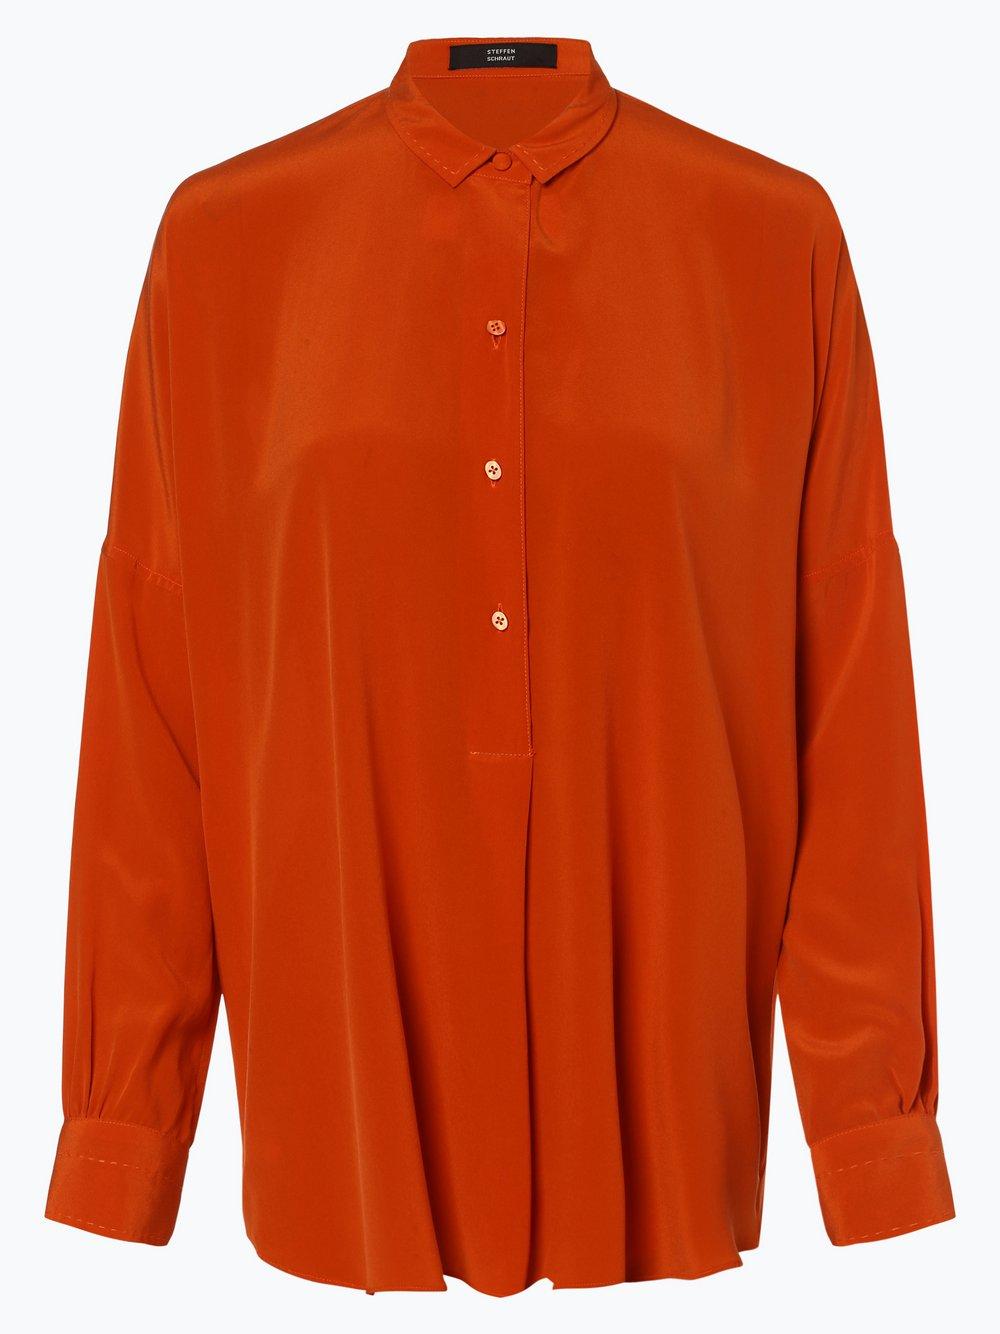 STEFFEN SCHRAUT - Bluzka damska z mieszanki jedwabiu, pomarańczowy